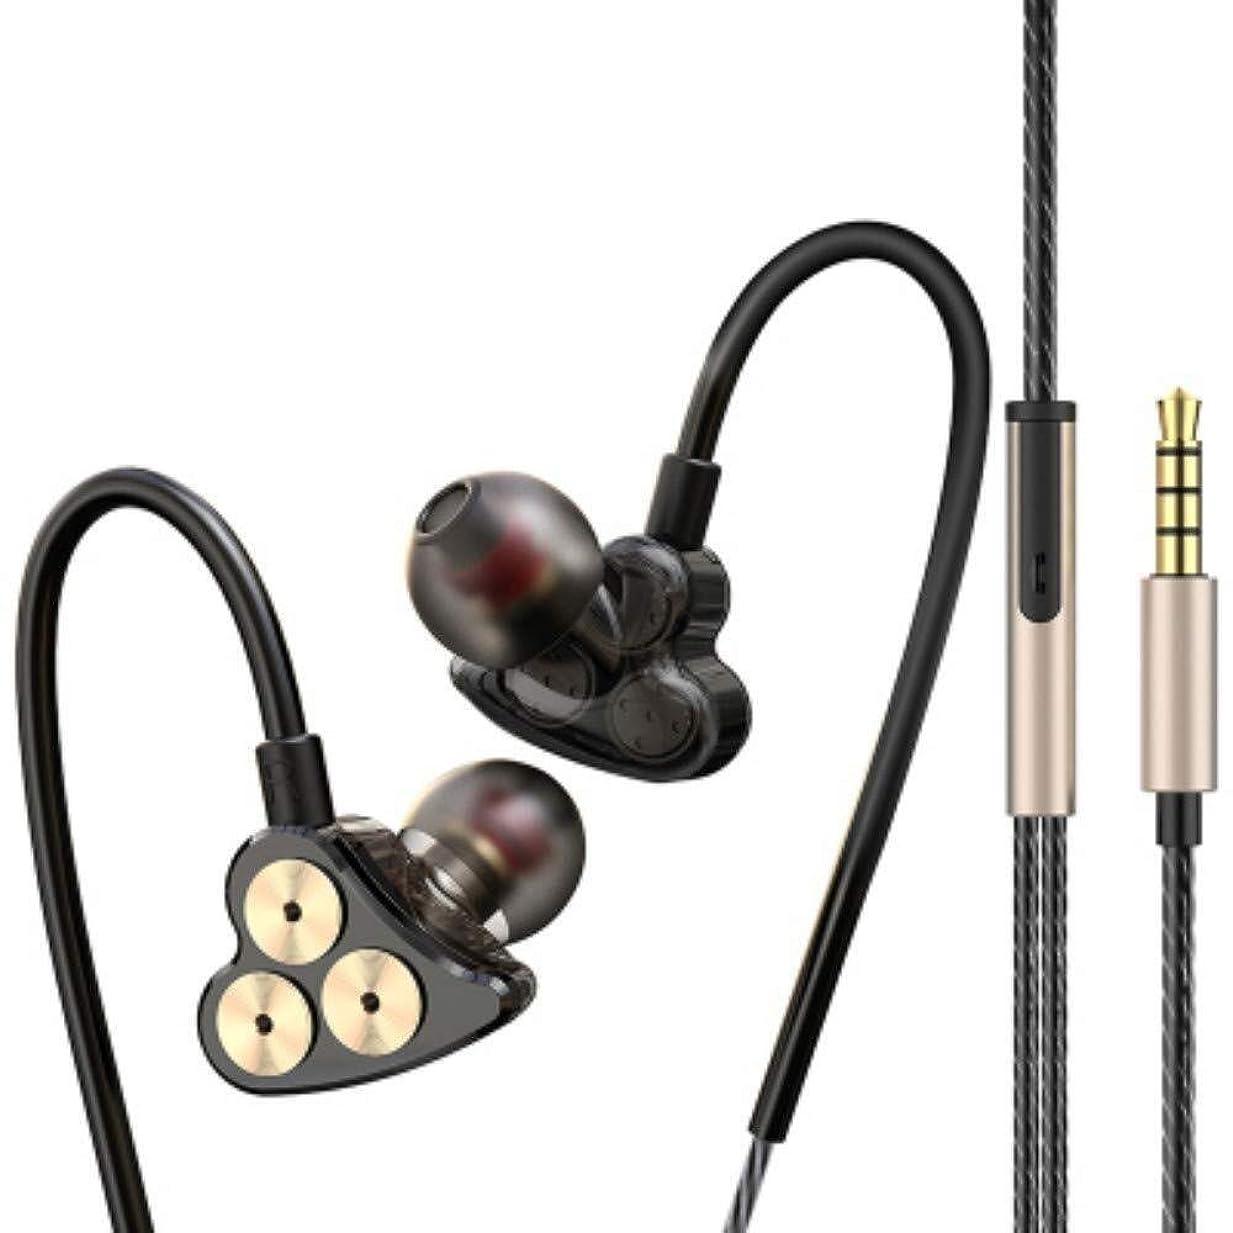 キモい資源暖かさSimple and generous 低音駆動音で、耳サブウーファーHDサウンドヘッドフォンスポーツフィットネスショッピングK歌ゲームアウトドア (Color : Carbon black)